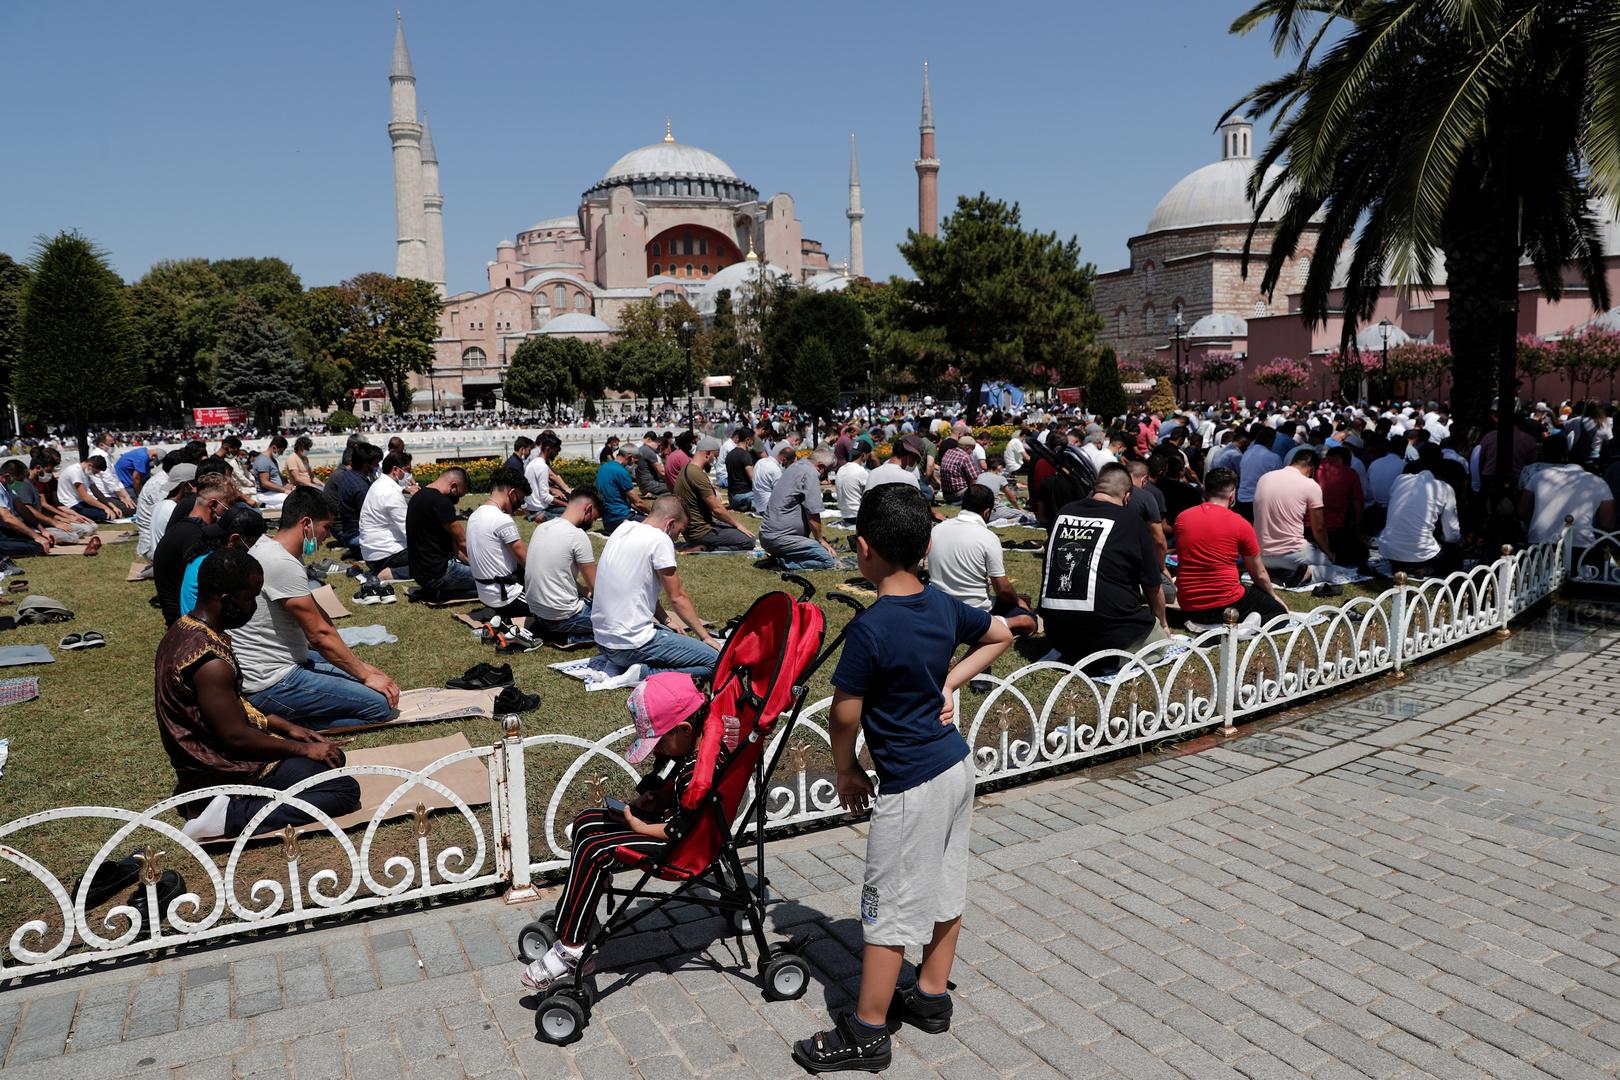 مسلمون يصلون أمام آيا صوفيا في اسطنبول.